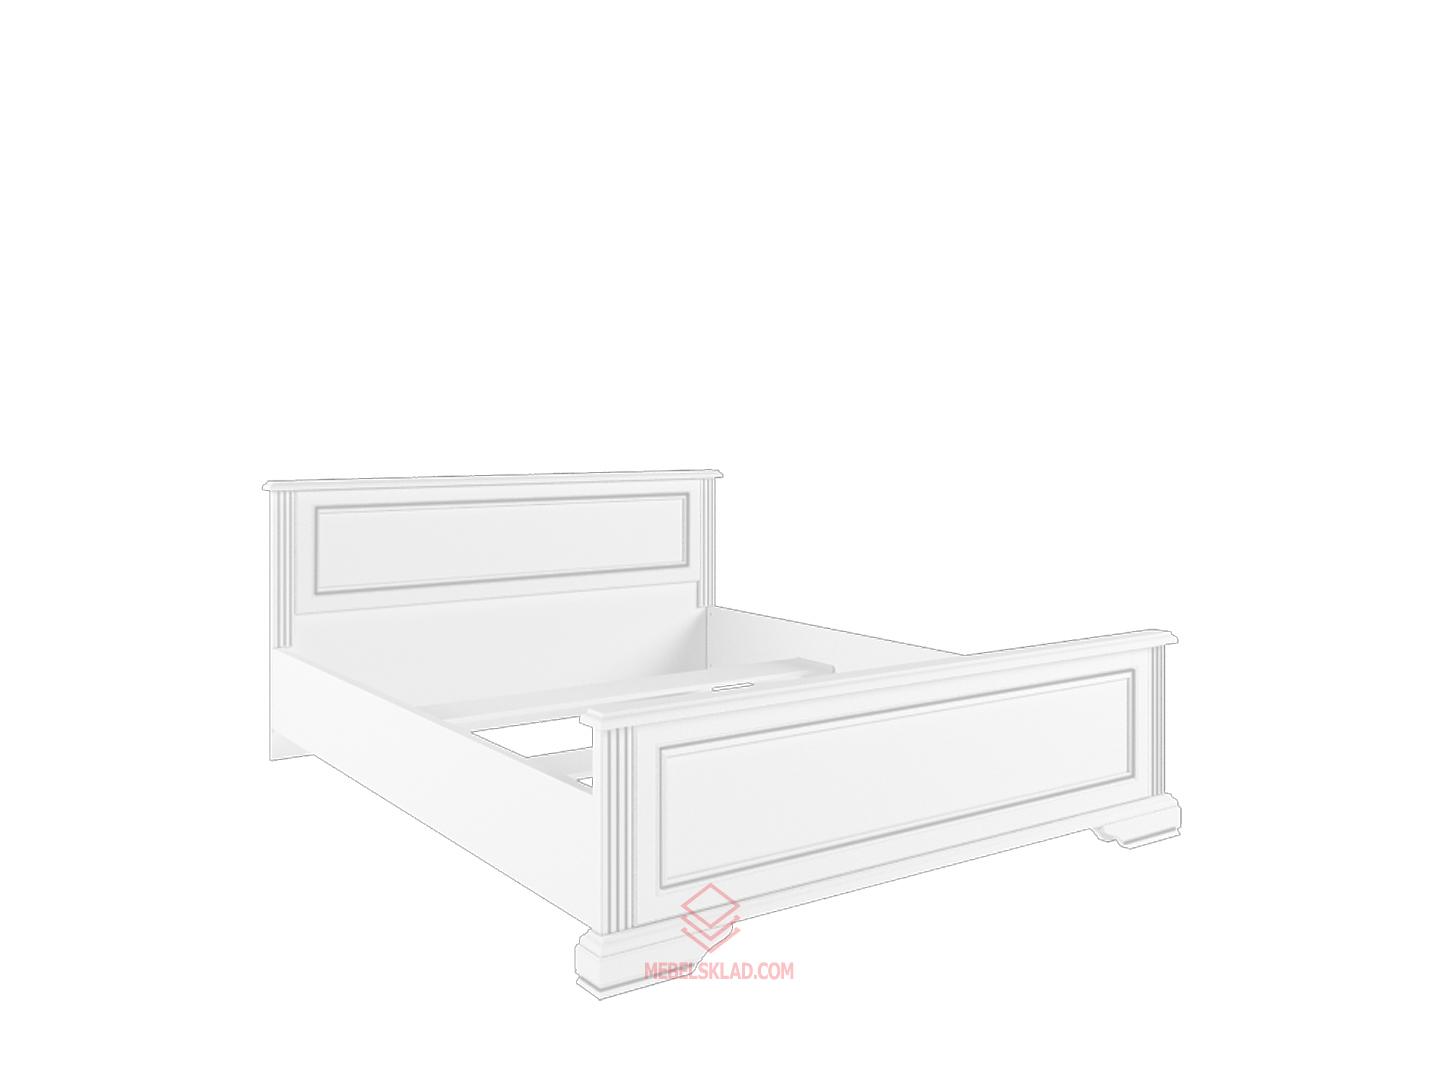 Кровать с основанием гибким LOZ140х200 сосна серебряная ВАЙТ за 18615 ₽